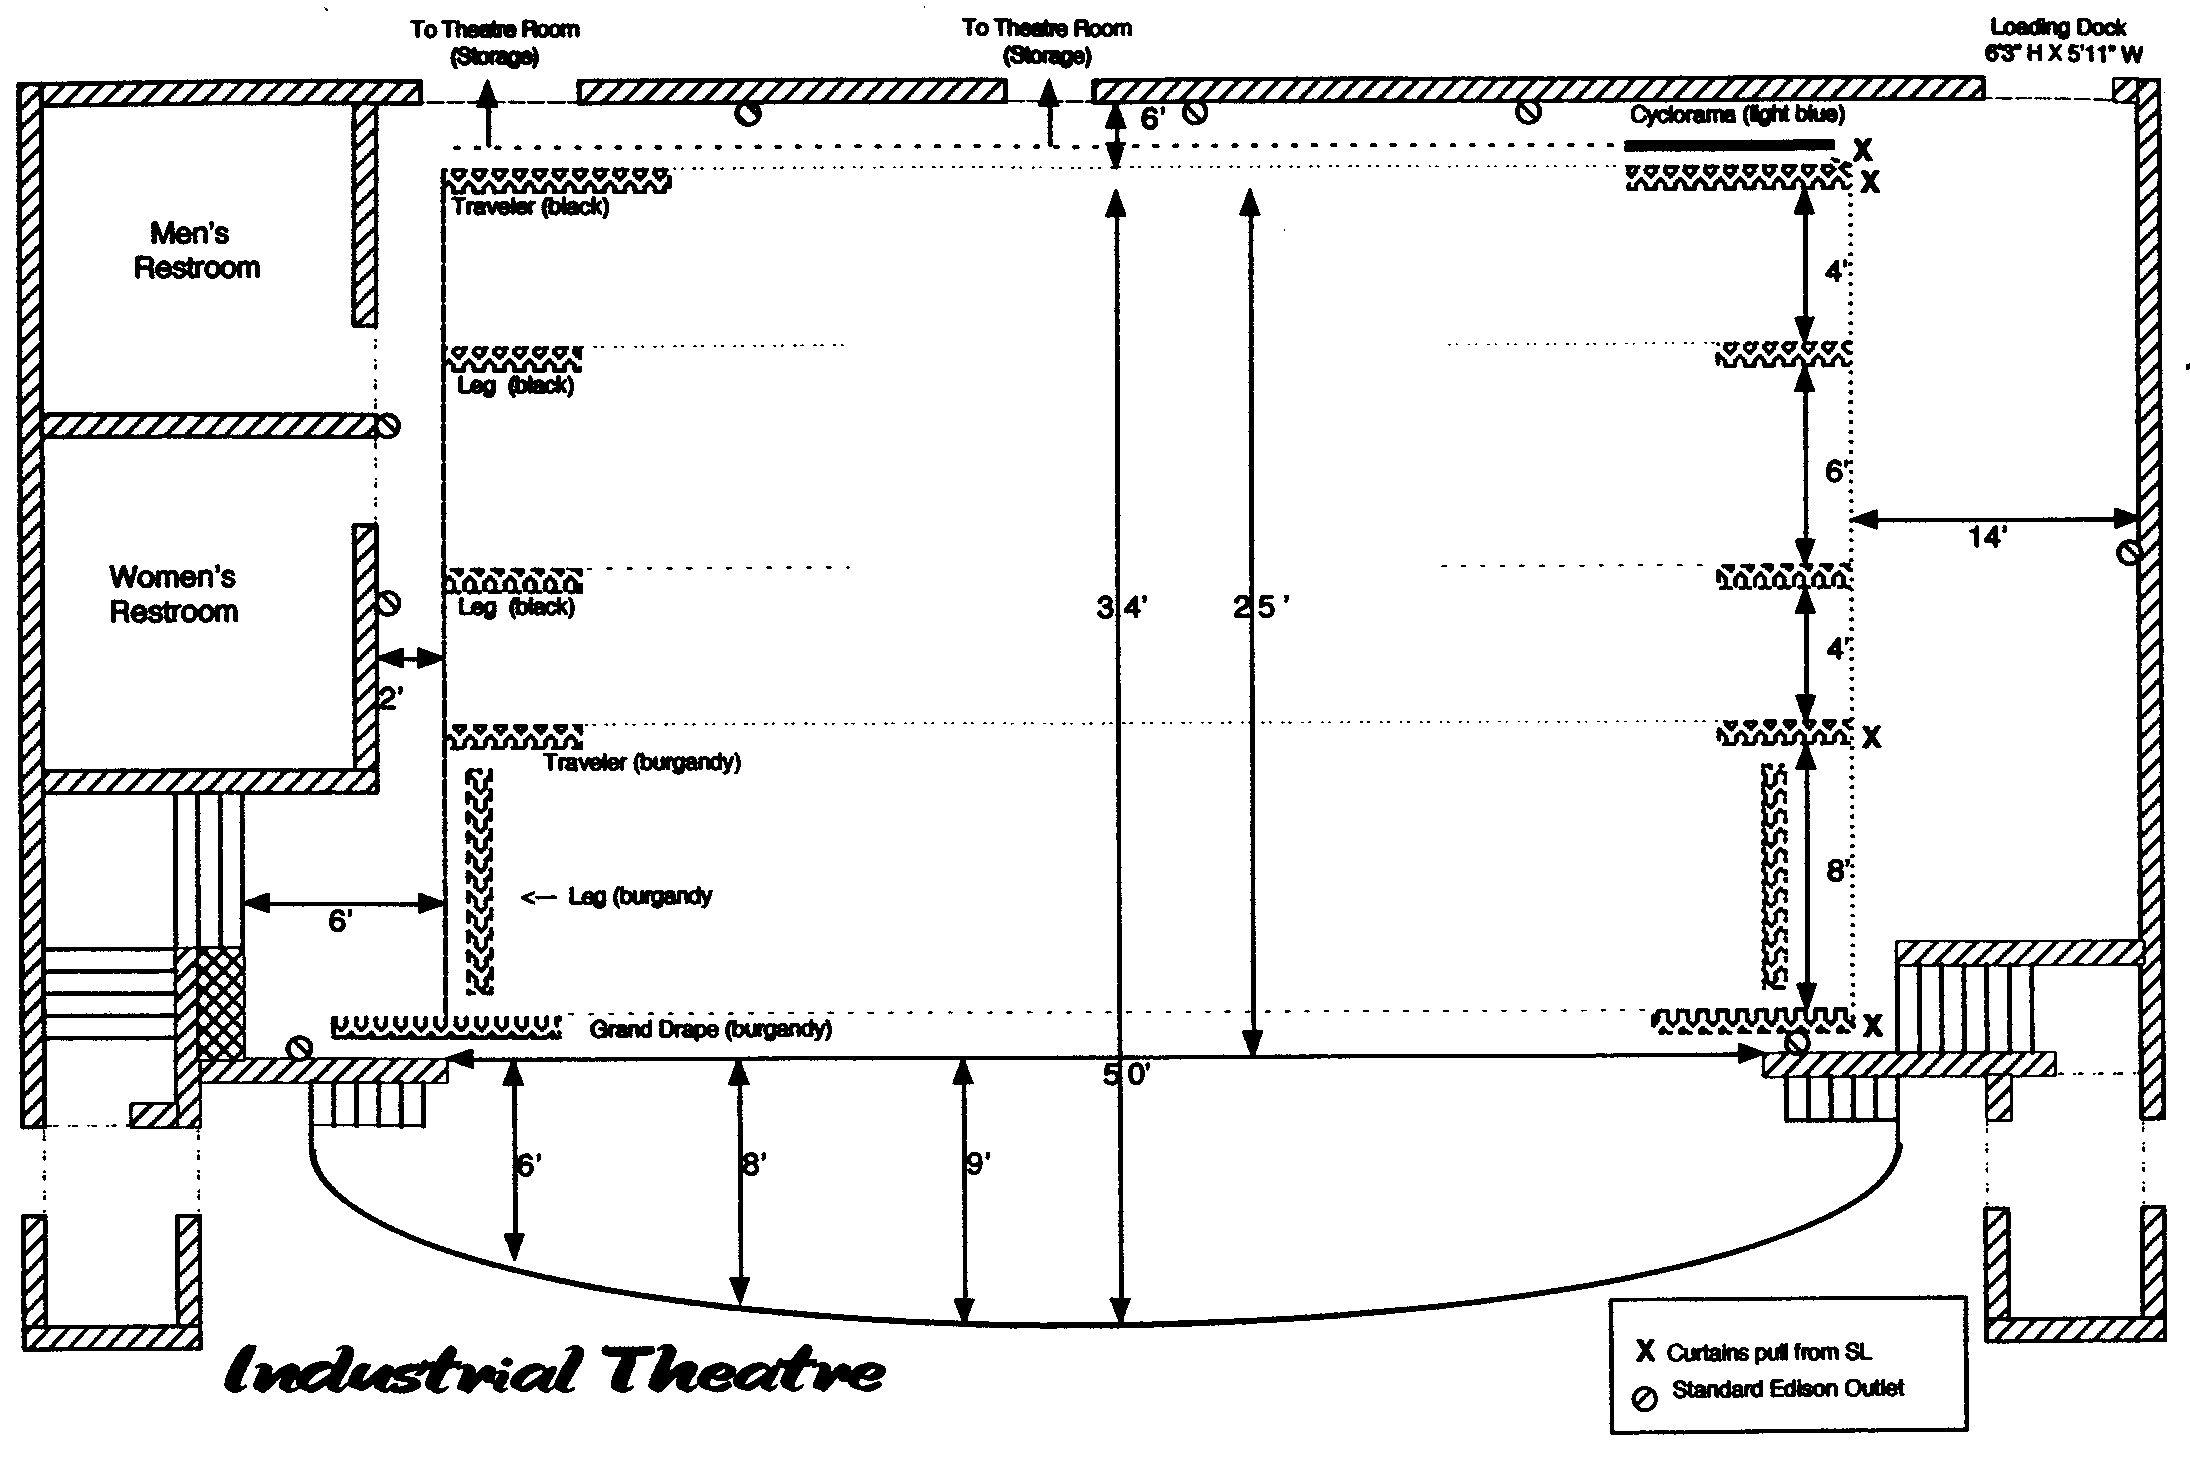 Pin by Susan Schwartz on Drama | Diagram design, Teaching